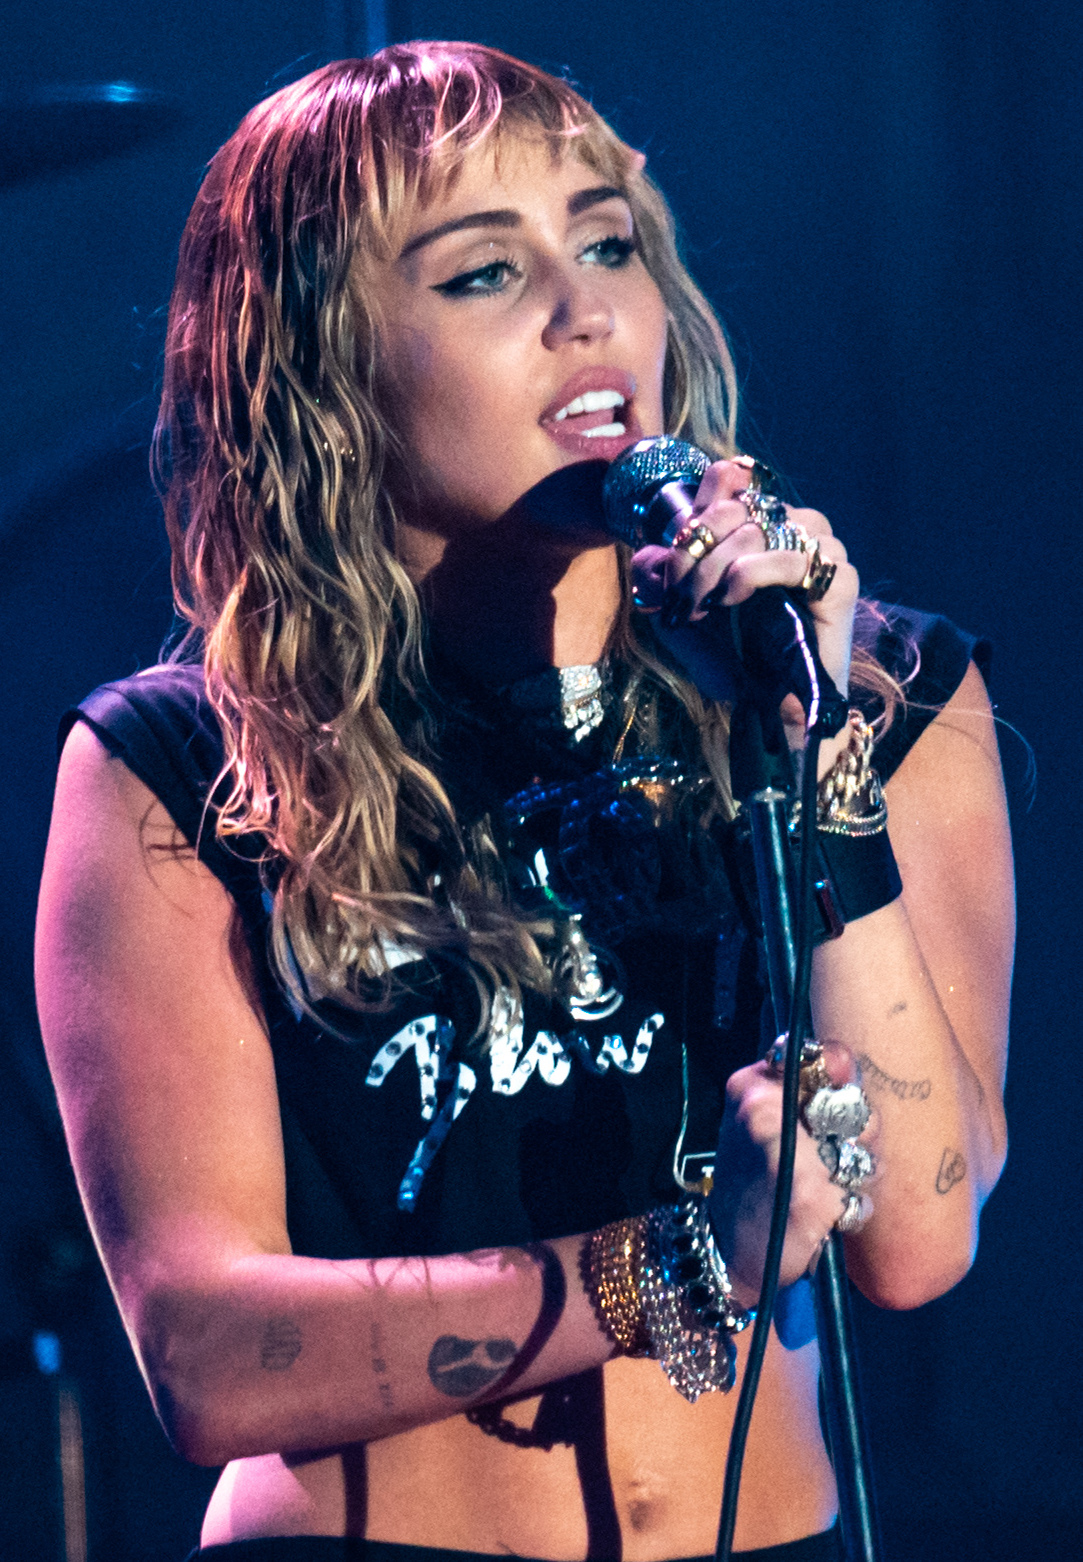 Veja o que saiu no Migalhas sobre Miley Cyrus